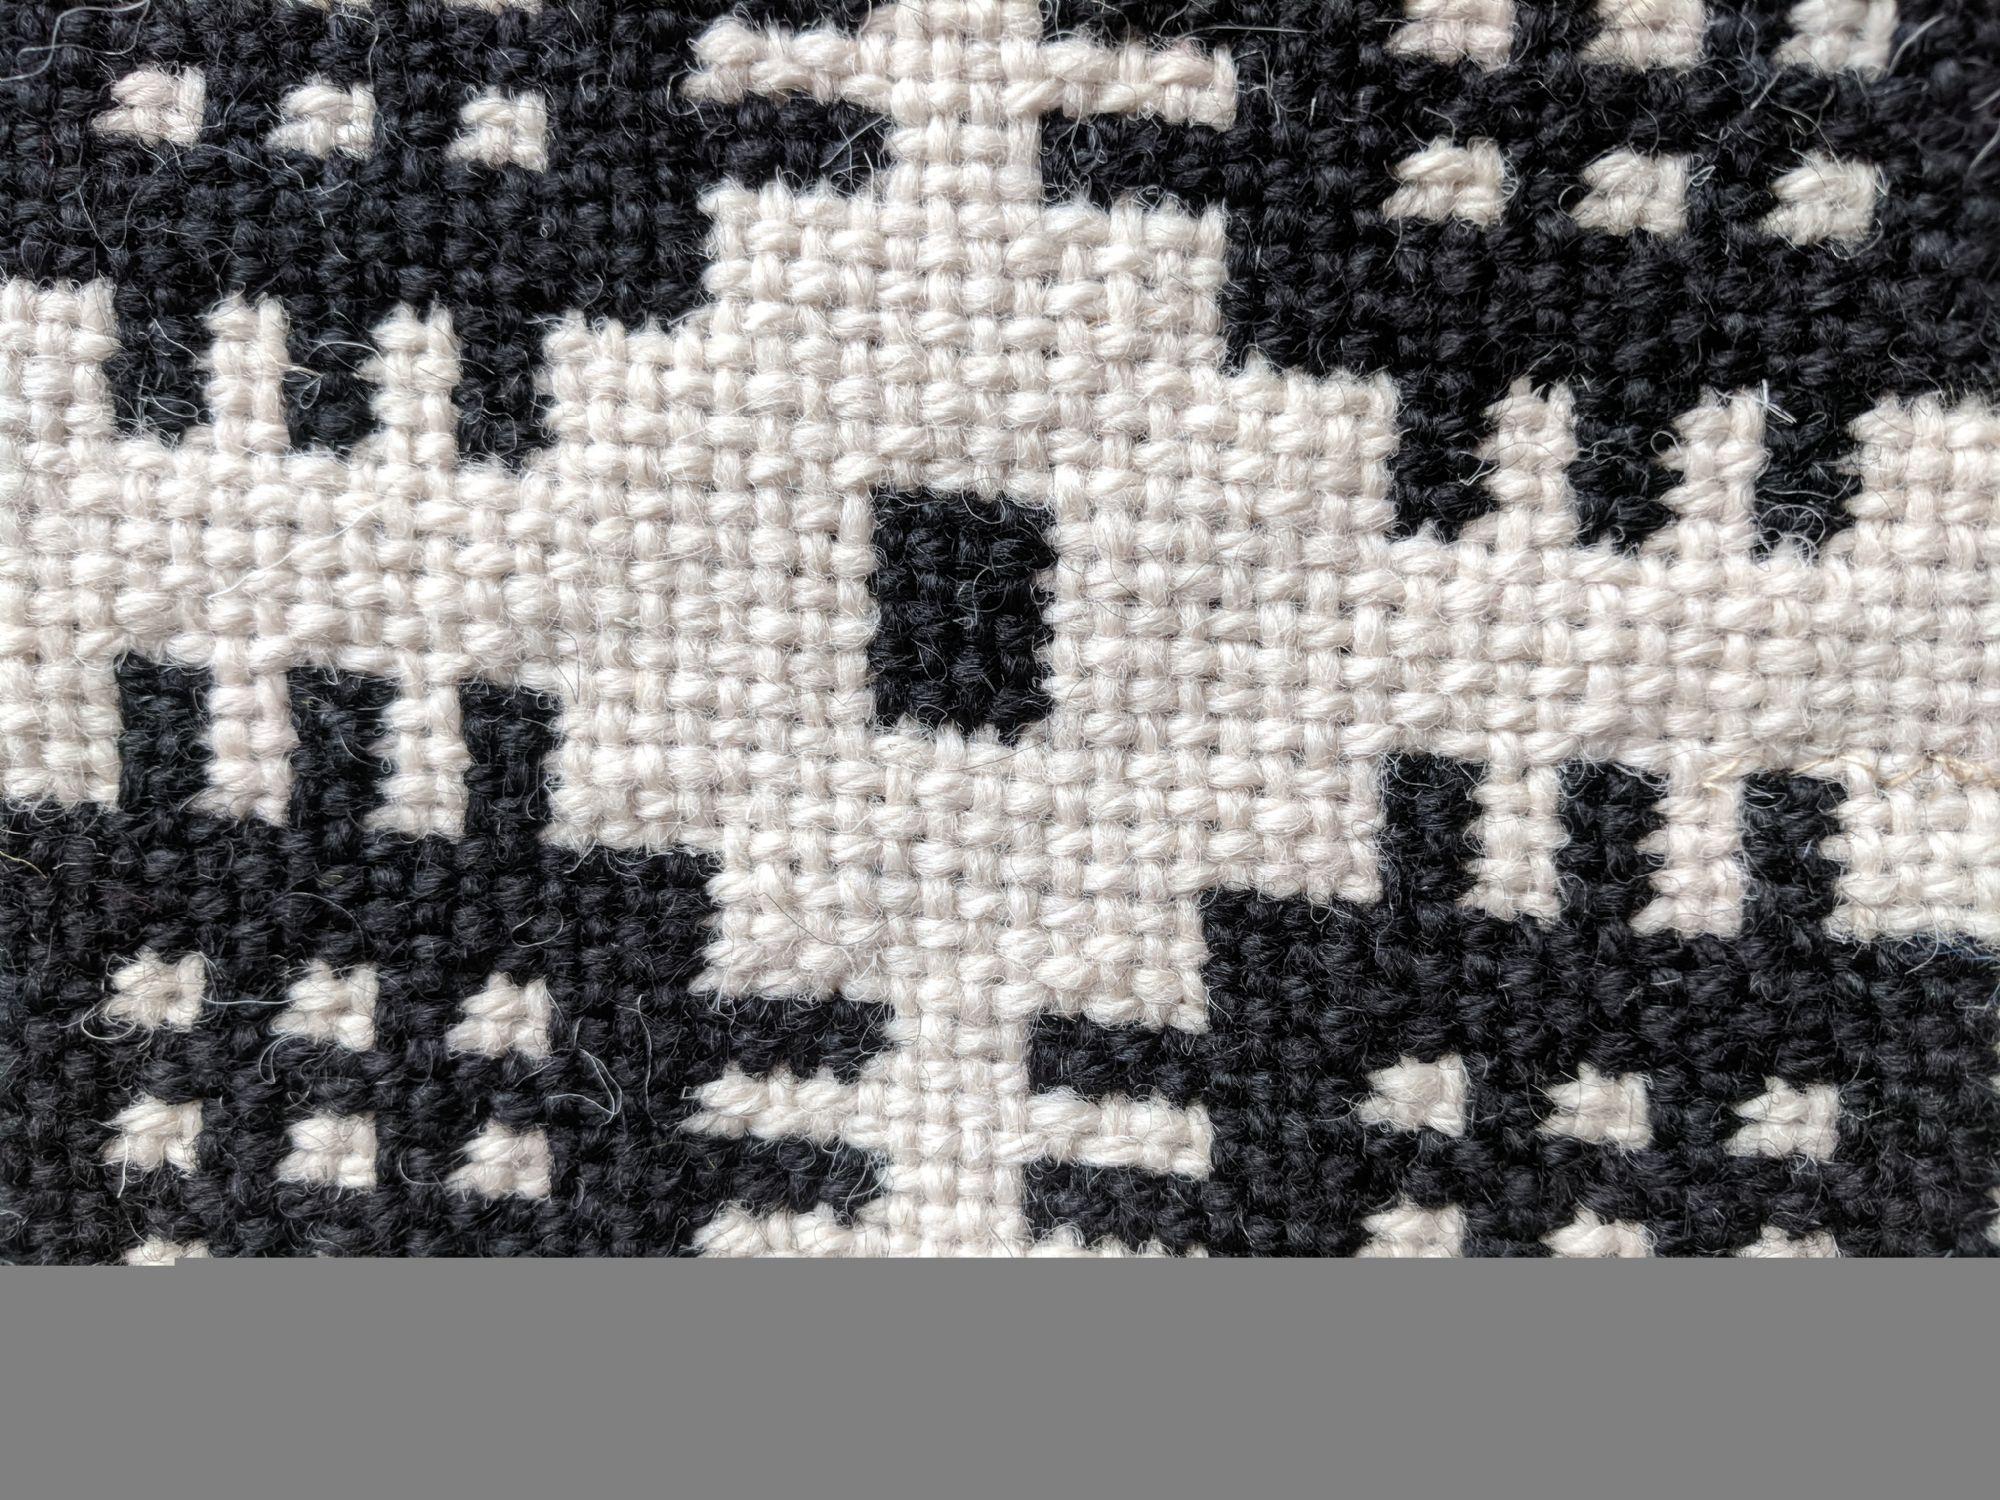 Woven Pattern up close